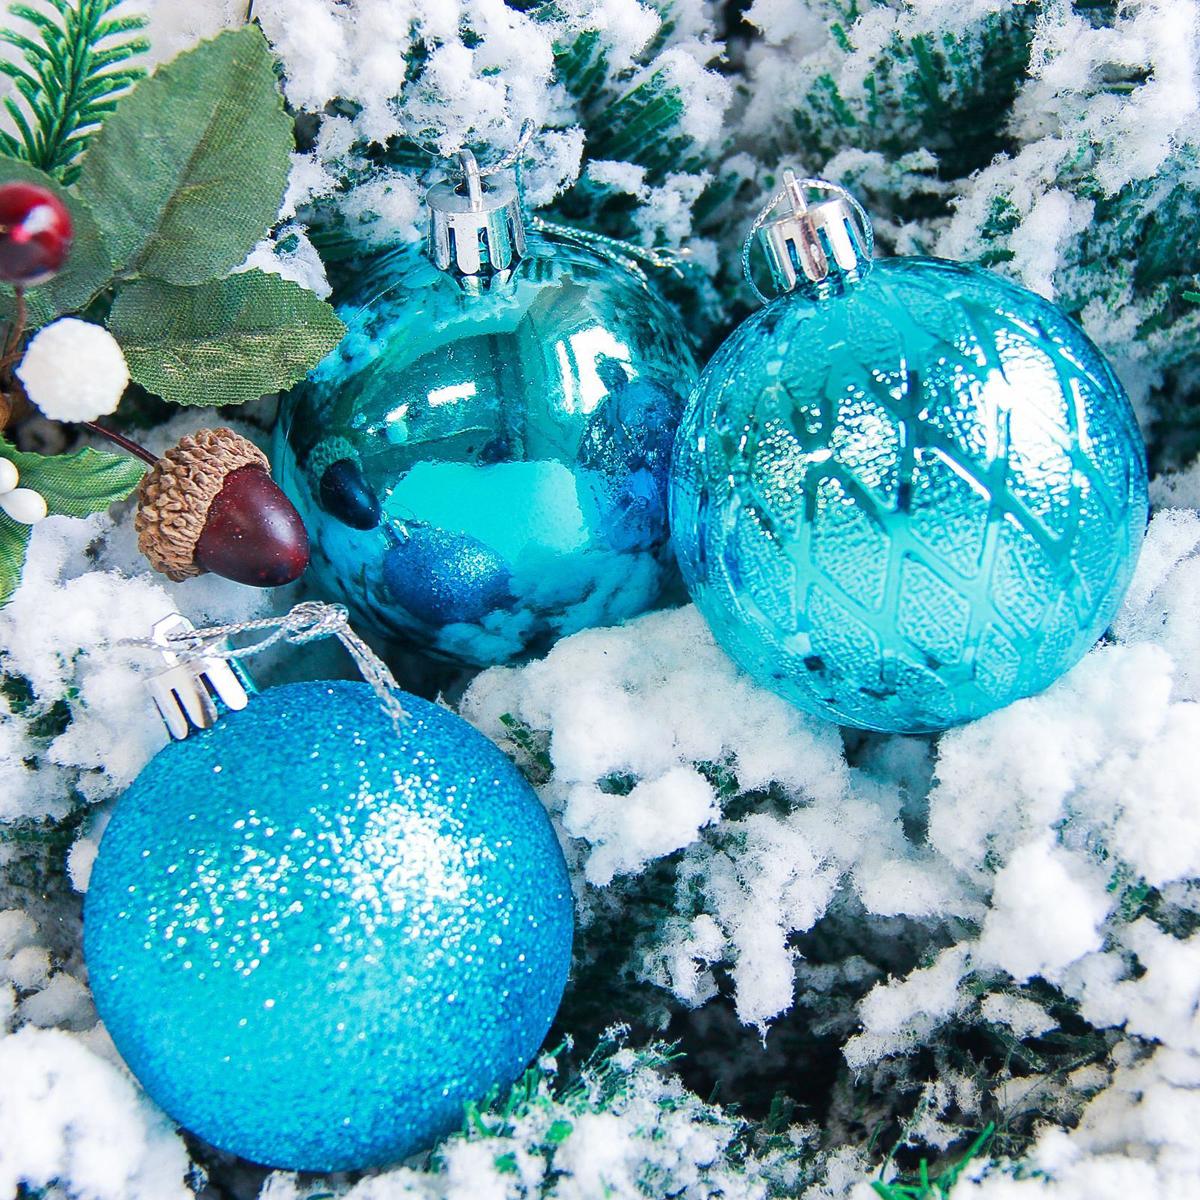 Набор новогодних подвесных украшений Sima-land Анданте, цвет: голубой, диаметр 6 см, 6 шт2178233Новогодние украшения Sima-land изготовлены из пластика. Изделия имеют плотный корпус, поэтому не разобьются при падении.Невозможно представить нашу жизнь без праздников! Новогодние украшения несут в себе волшебство и красоту праздника. Создайте в своем доме атмосферу тепла, веселья и радости, украшая его всей семьей.В наборе 6 штук.